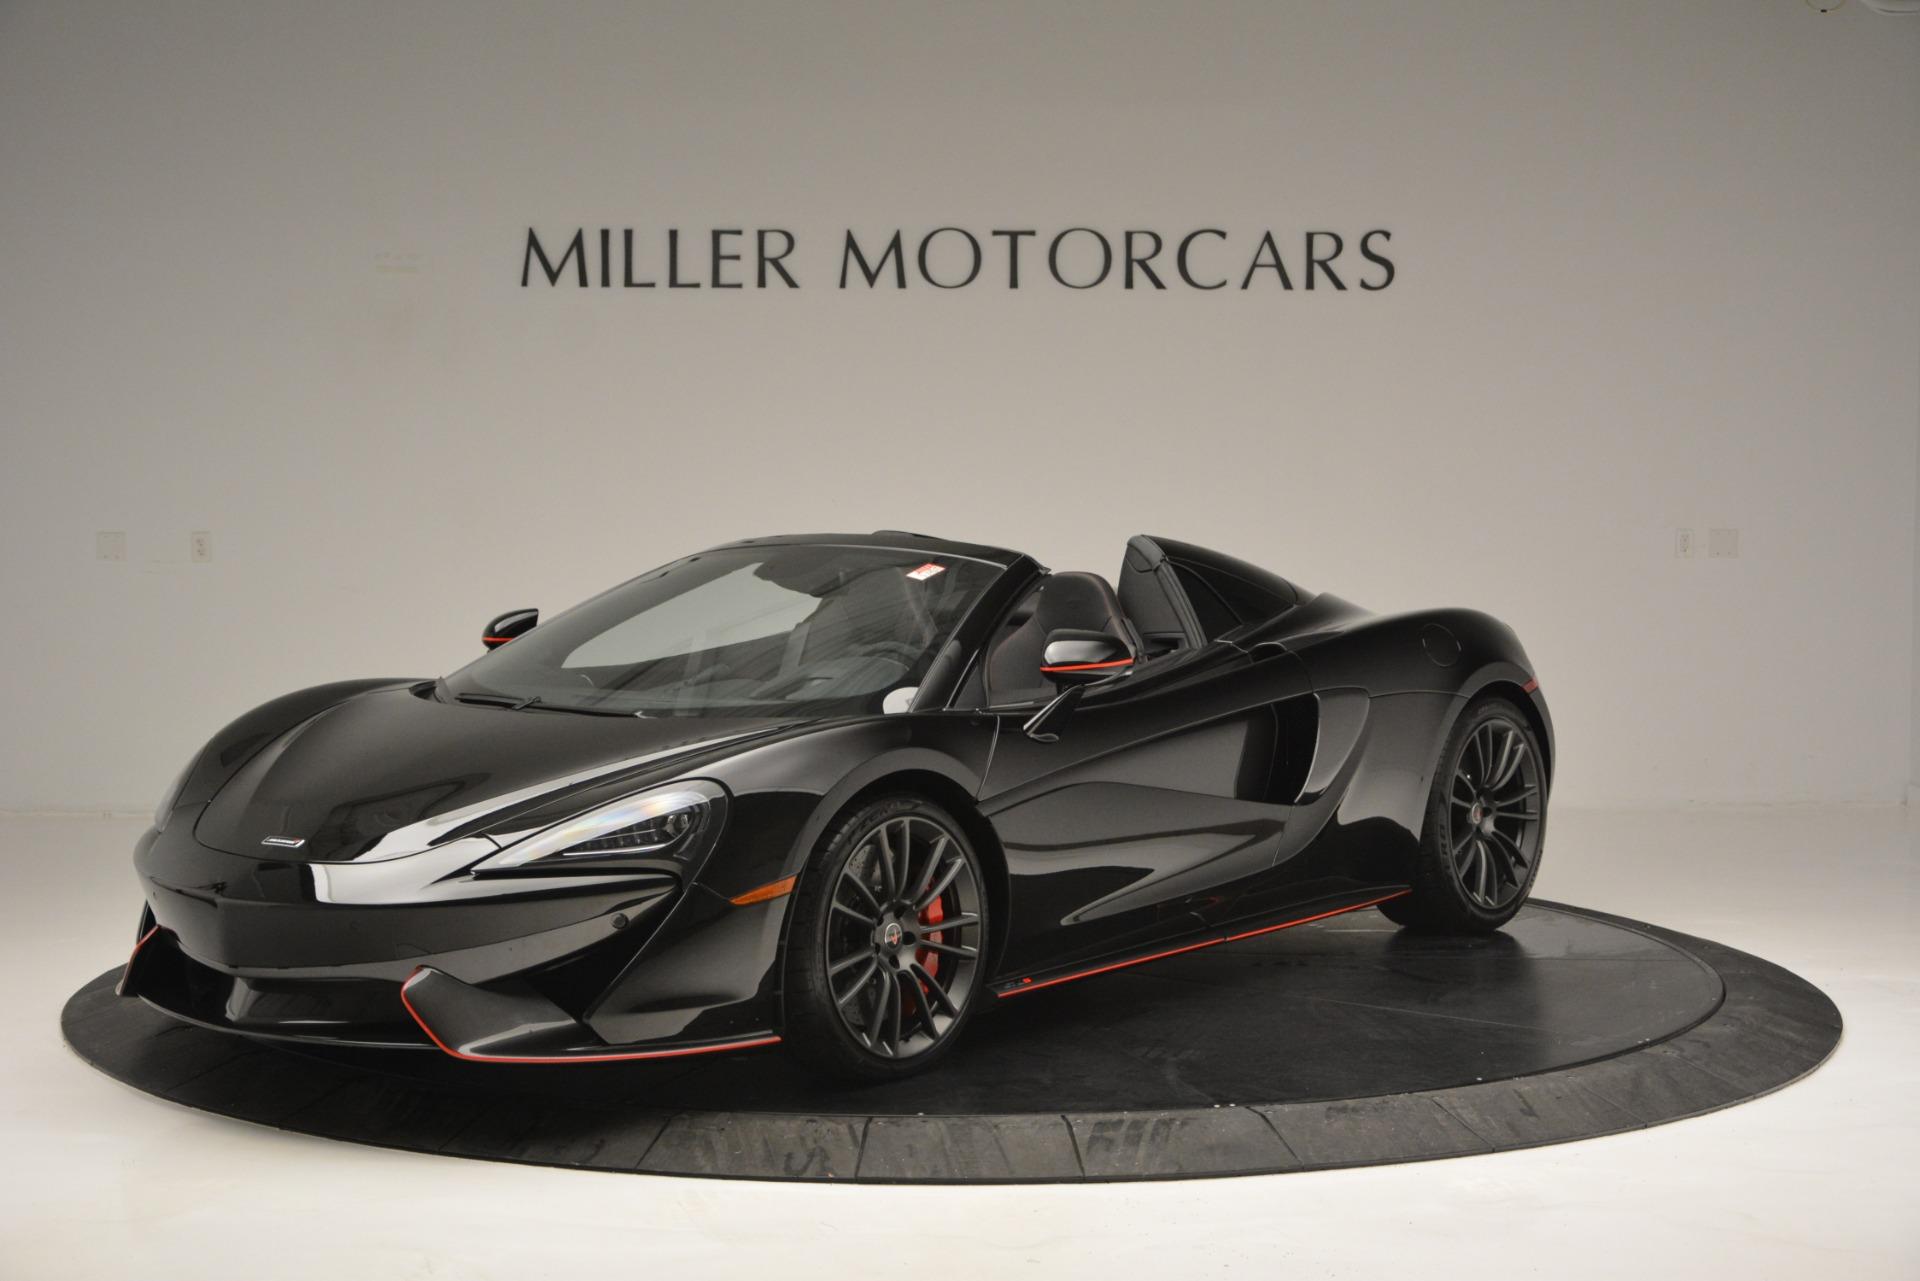 Used 2018 McLaren 570S Spider For Sale In Westport, CT 2420_p2